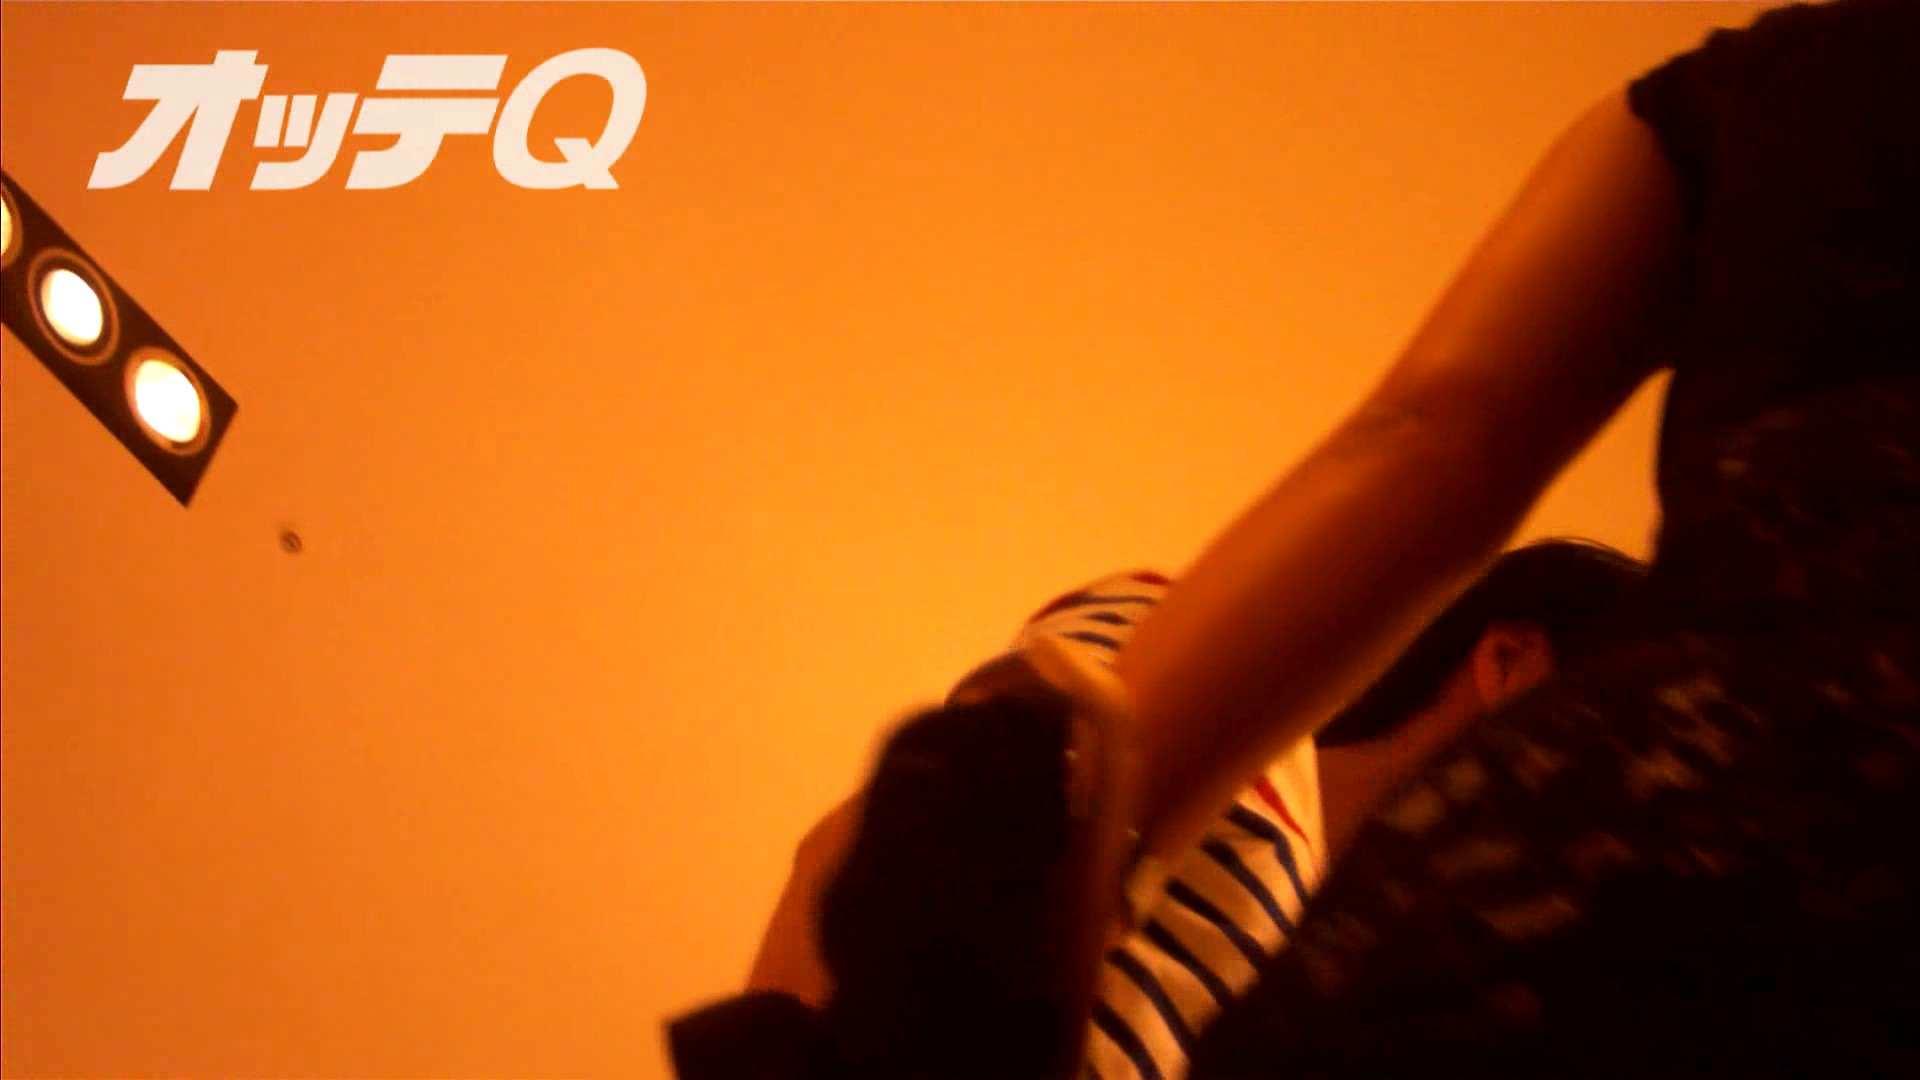 ハイビジョンパンチラ オッテQさんの追跡パンチラデパート編VOL.03 チラ オマンコ無修正動画無料 109pic 67